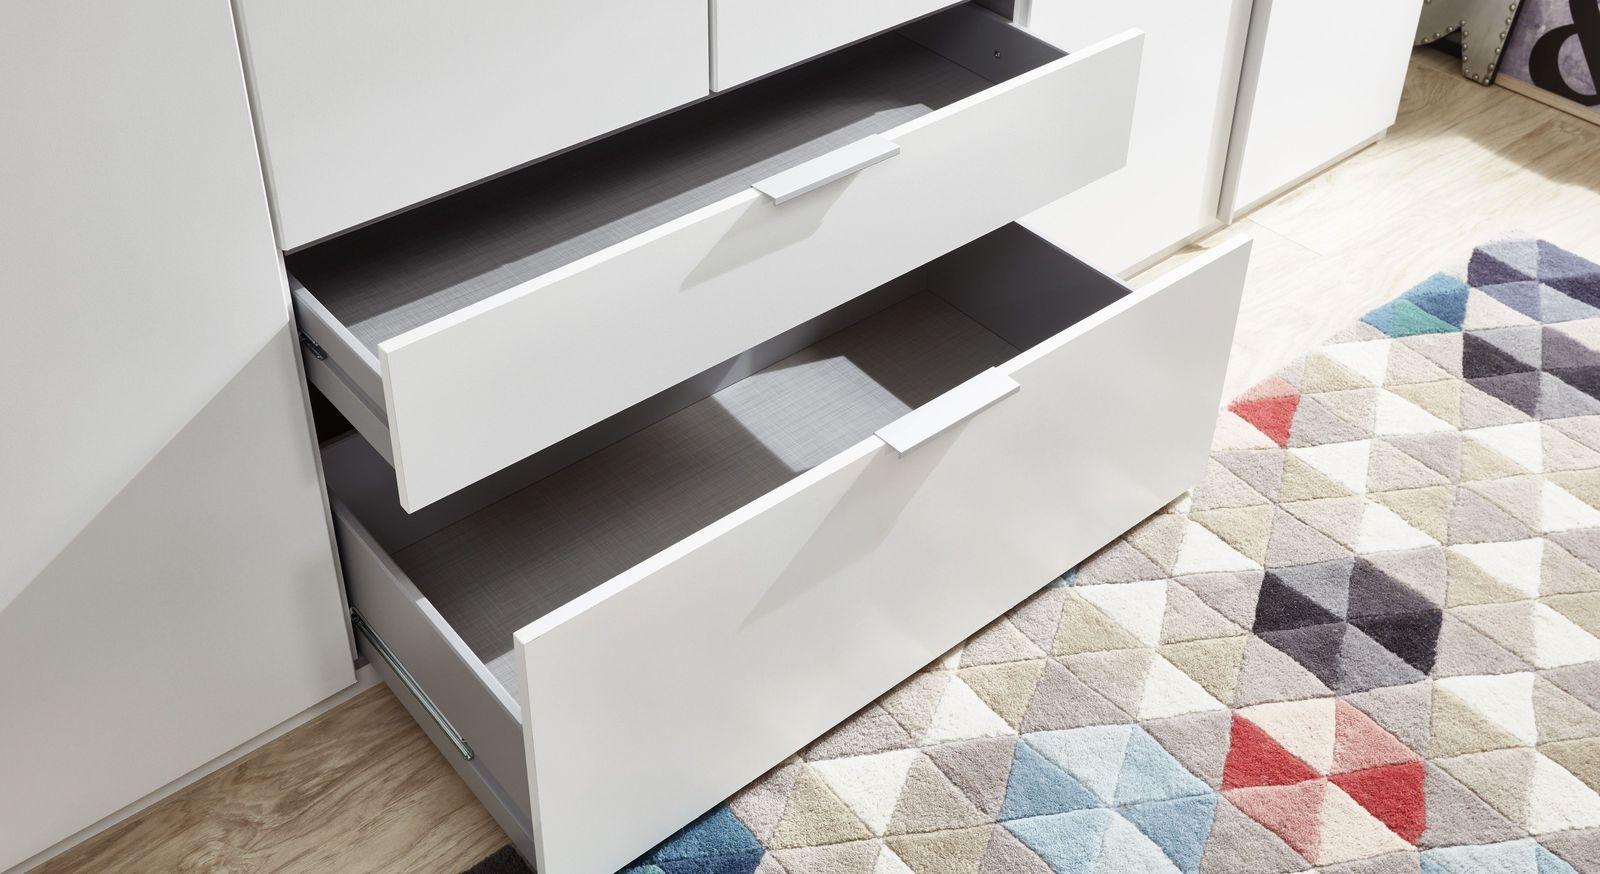 Eck-Kleiderschrank mit praktischen Schubladen